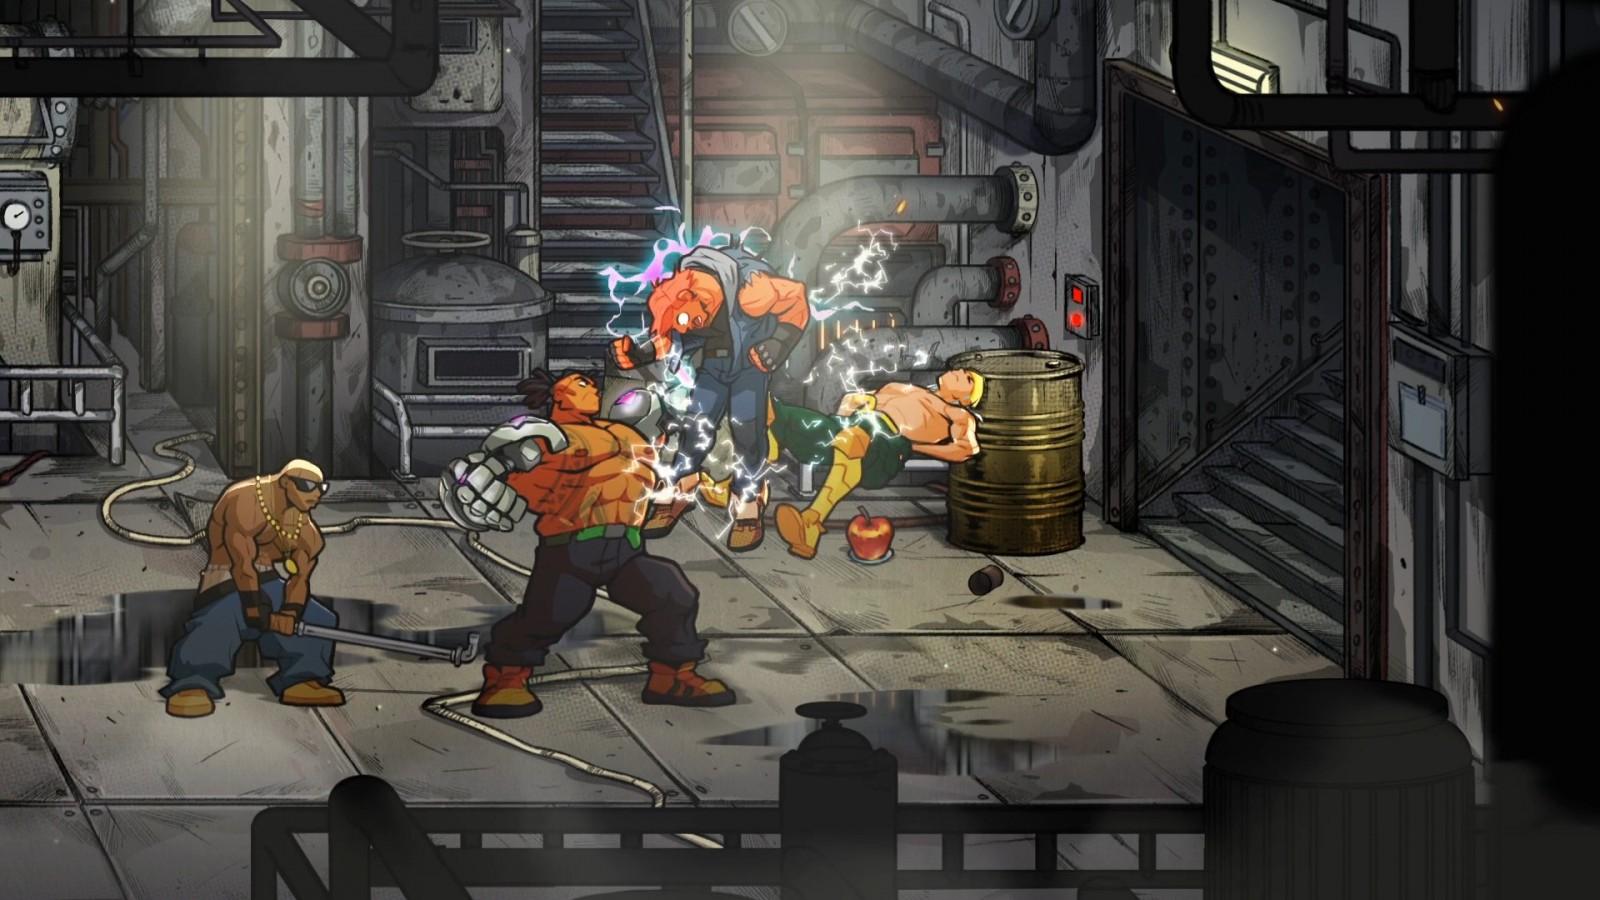 Reseña: Street of Rage 4 + Mr. X Nightmare DLC (Steam) 5